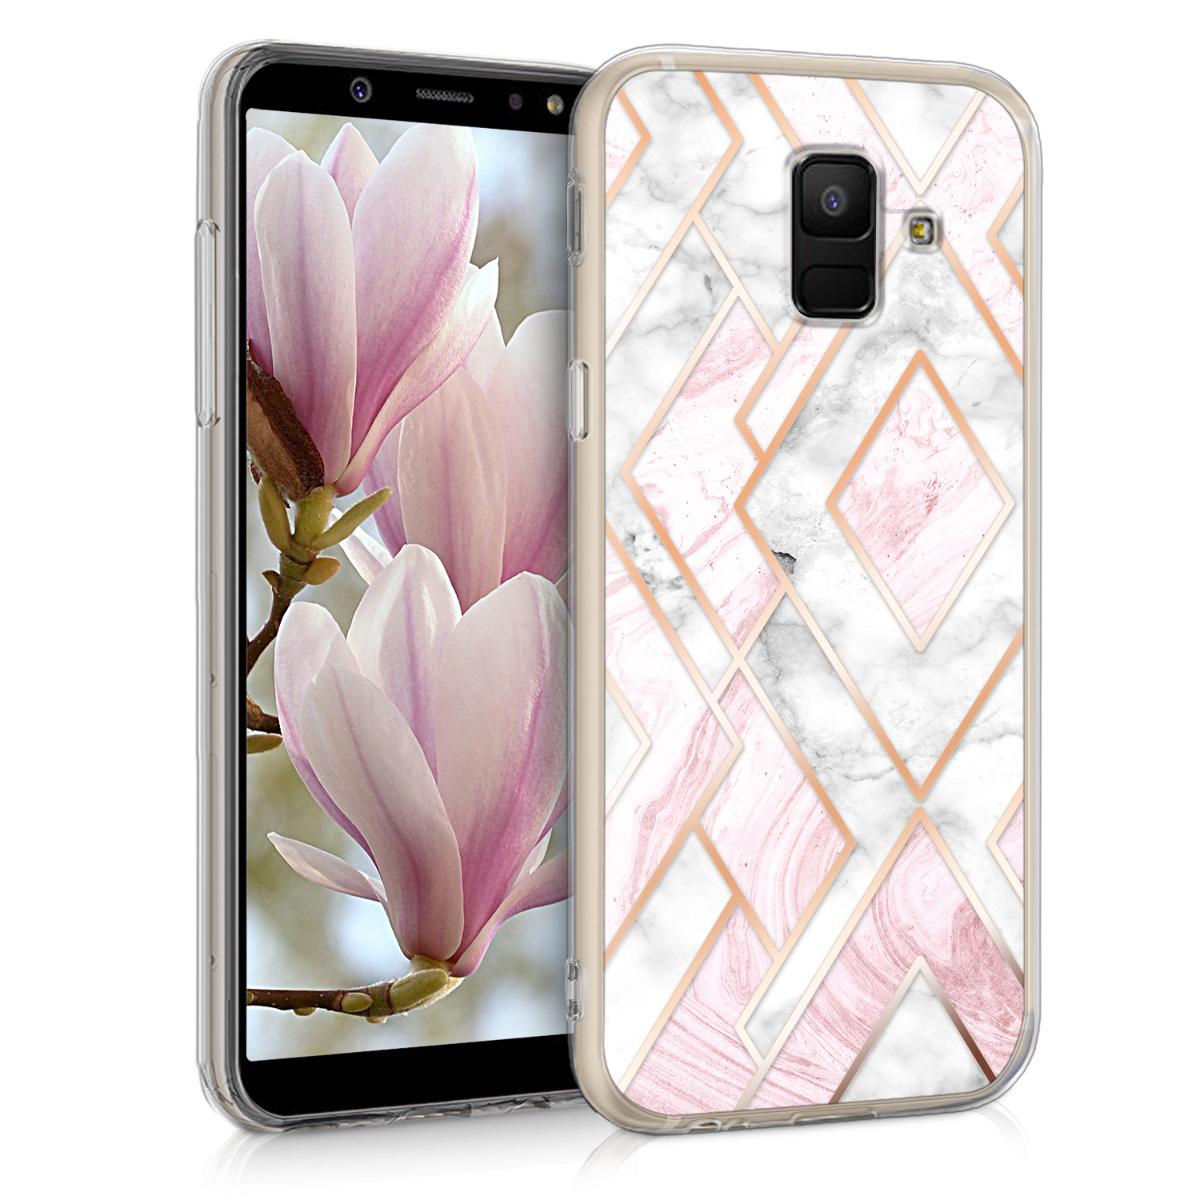 Kvalitní silikonové TPU pouzdro pro Samsung A6 (2018) - Glory Mix 2 starorůžové rosegold / bílé / růžové Dusty